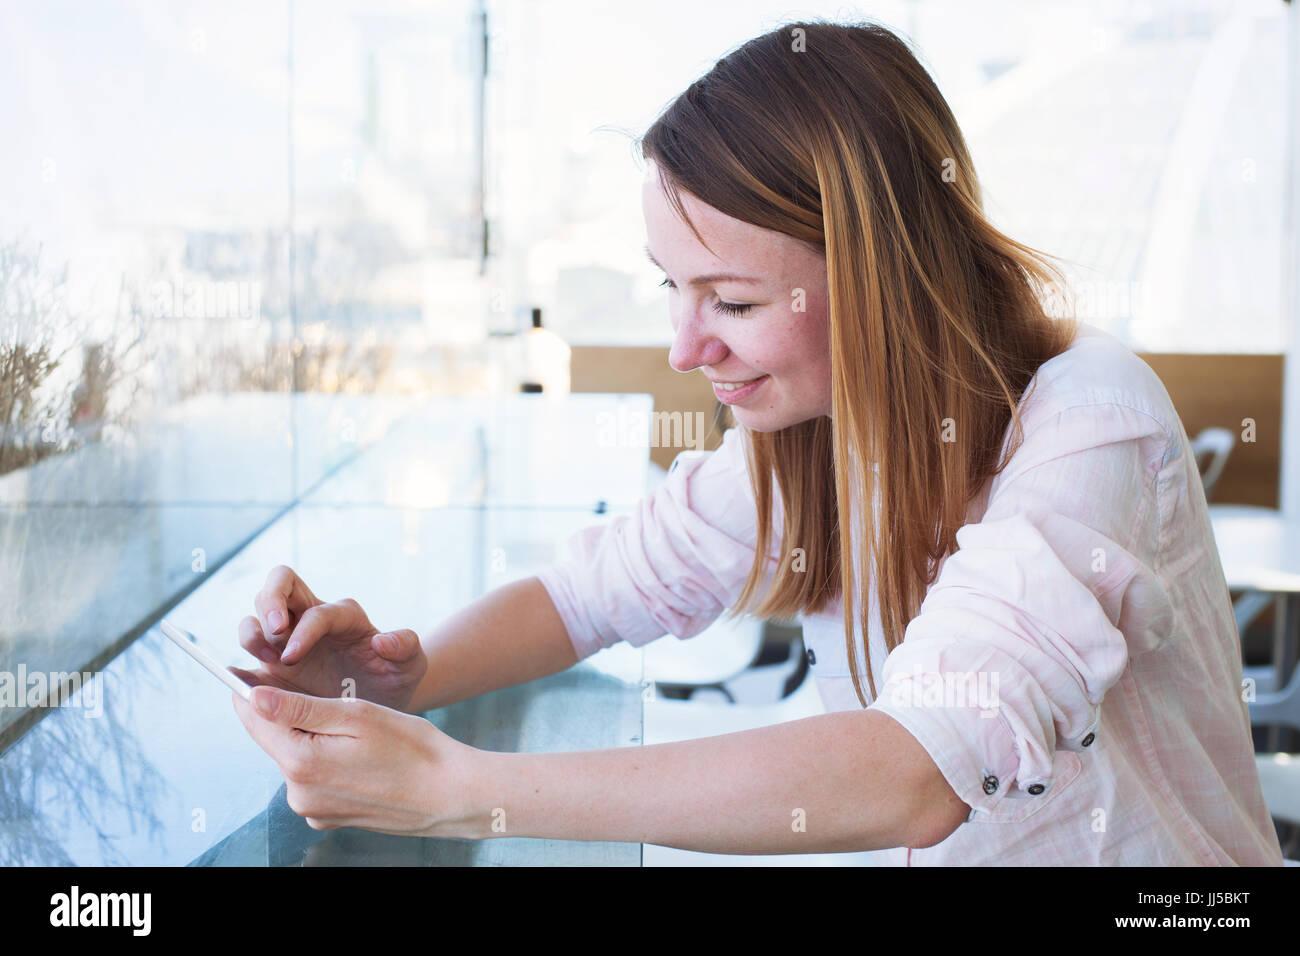 Sonriente mujer caucásica leer correos electrónicos en línea en digital tablet pc, joven con acceso Imagen De Stock